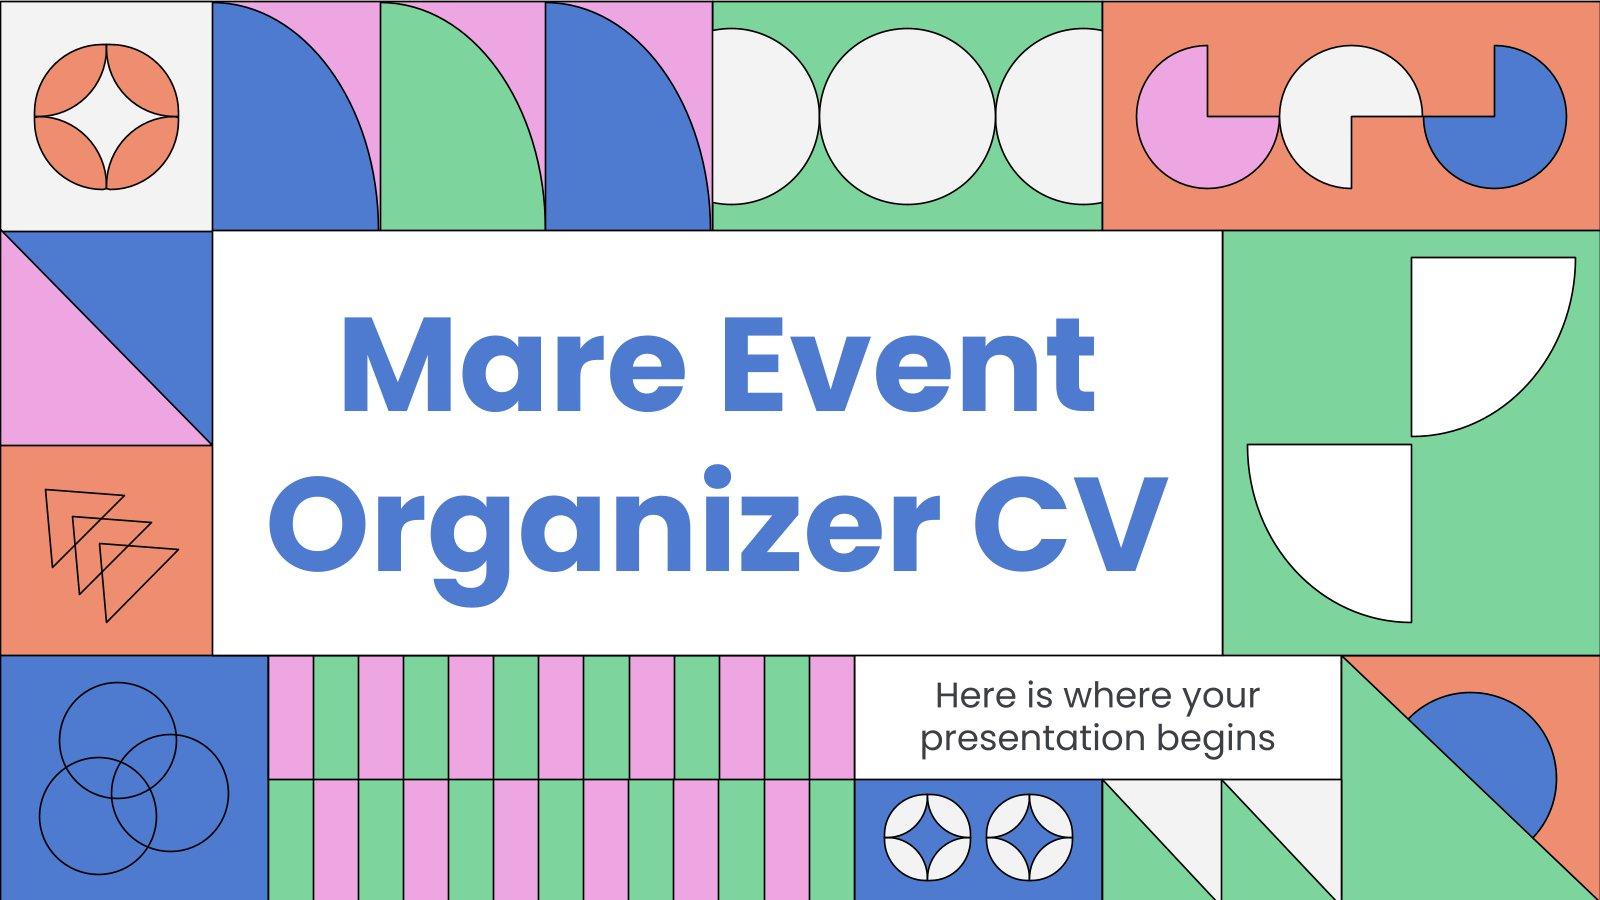 Modelo de apresentação CV de planejador de eventos Mare